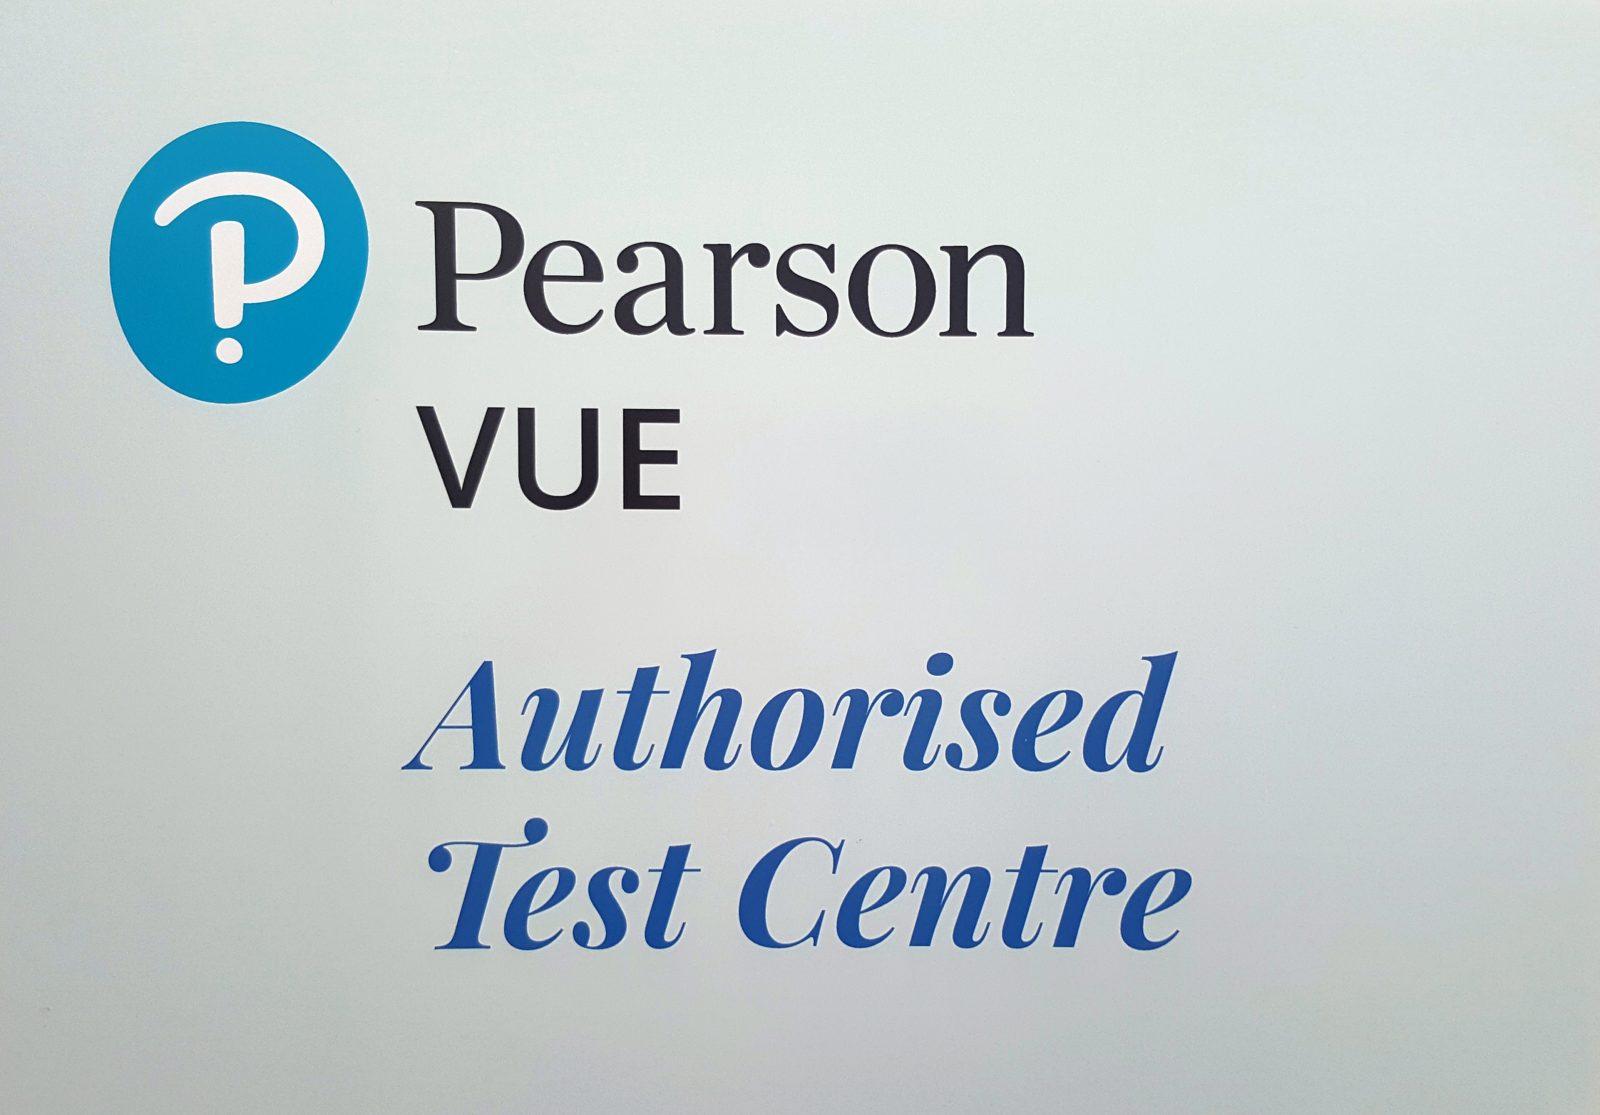 Centro autorizado Pearson VUE. Exámenes oficiales